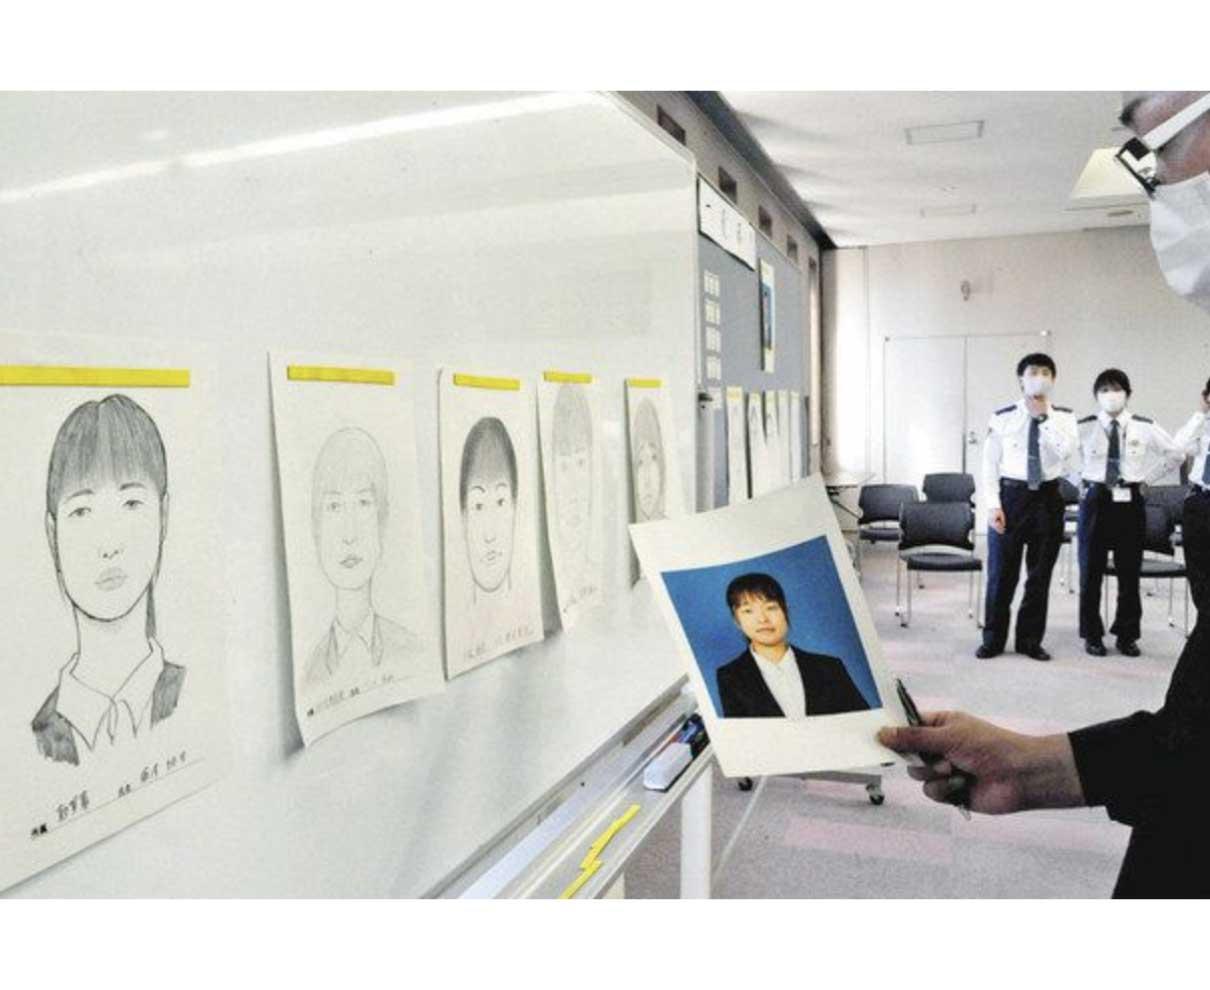 犯人役 顔の特徴捉えた 県警初の似顔絵競技会